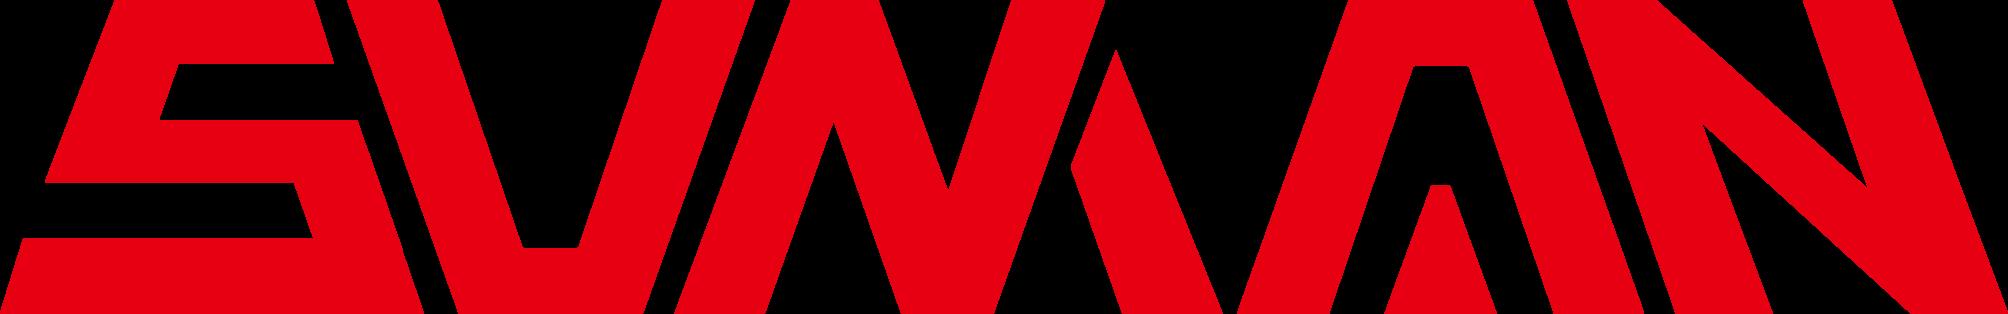 Sunman logo.png